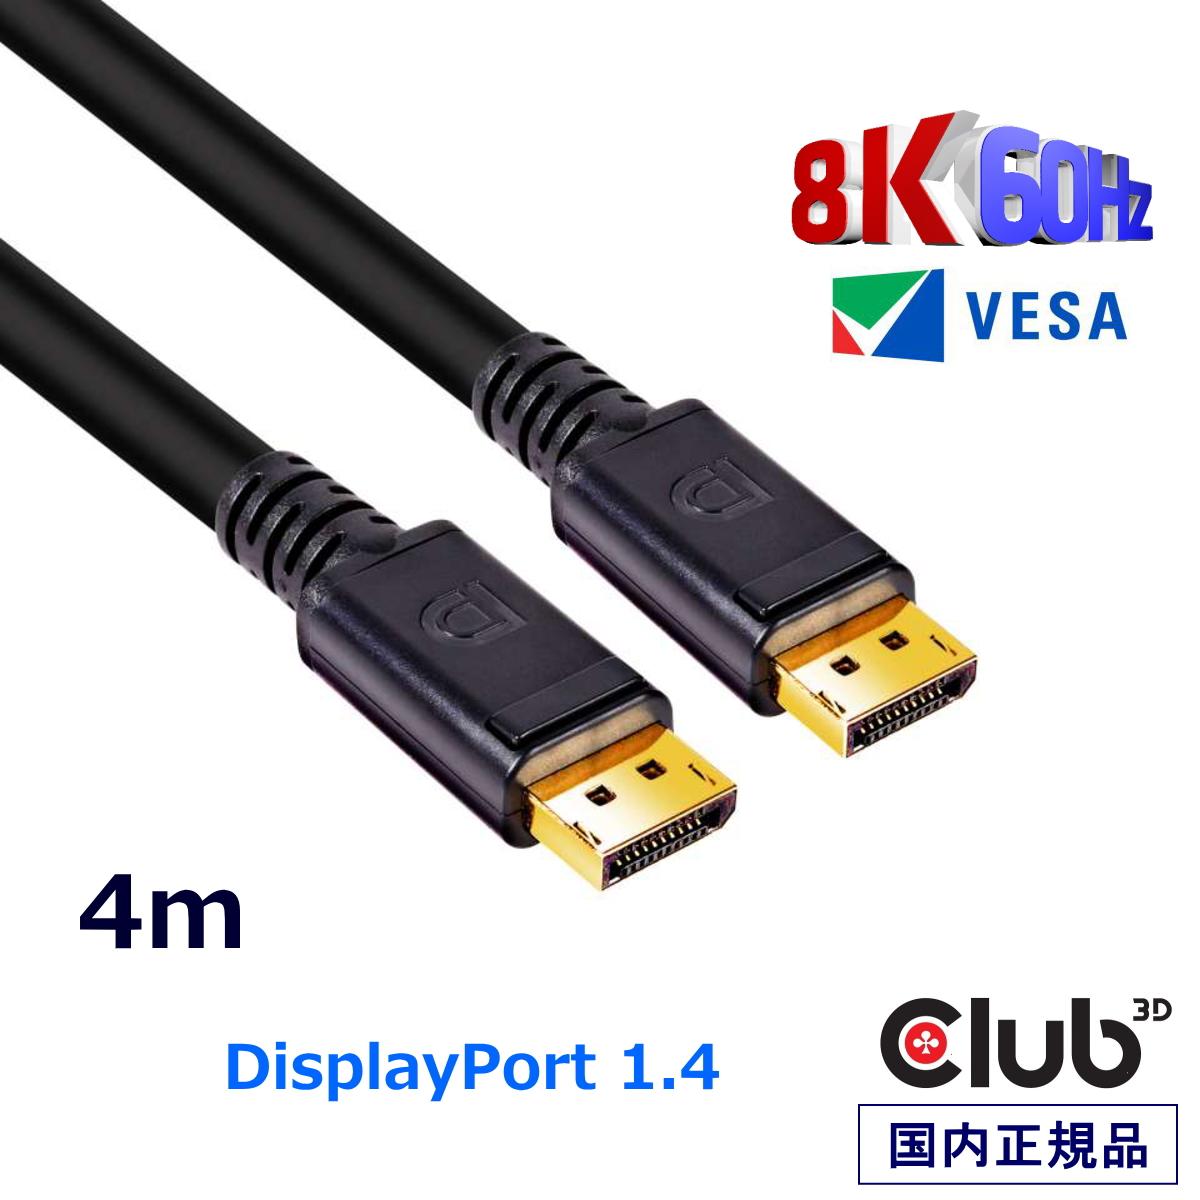 ゲーミングモニター 240Hz に対応 VESA認証 DisplayPort 新作からSALEアイテム等お得な商品 満載 1.4 ケーブル 国内正規品 Club3D HBR3 High CAC-1069B ディスプレイ お気に入り 4m 8K Cable Rate Male 3 Bit 24AWG 60Hz